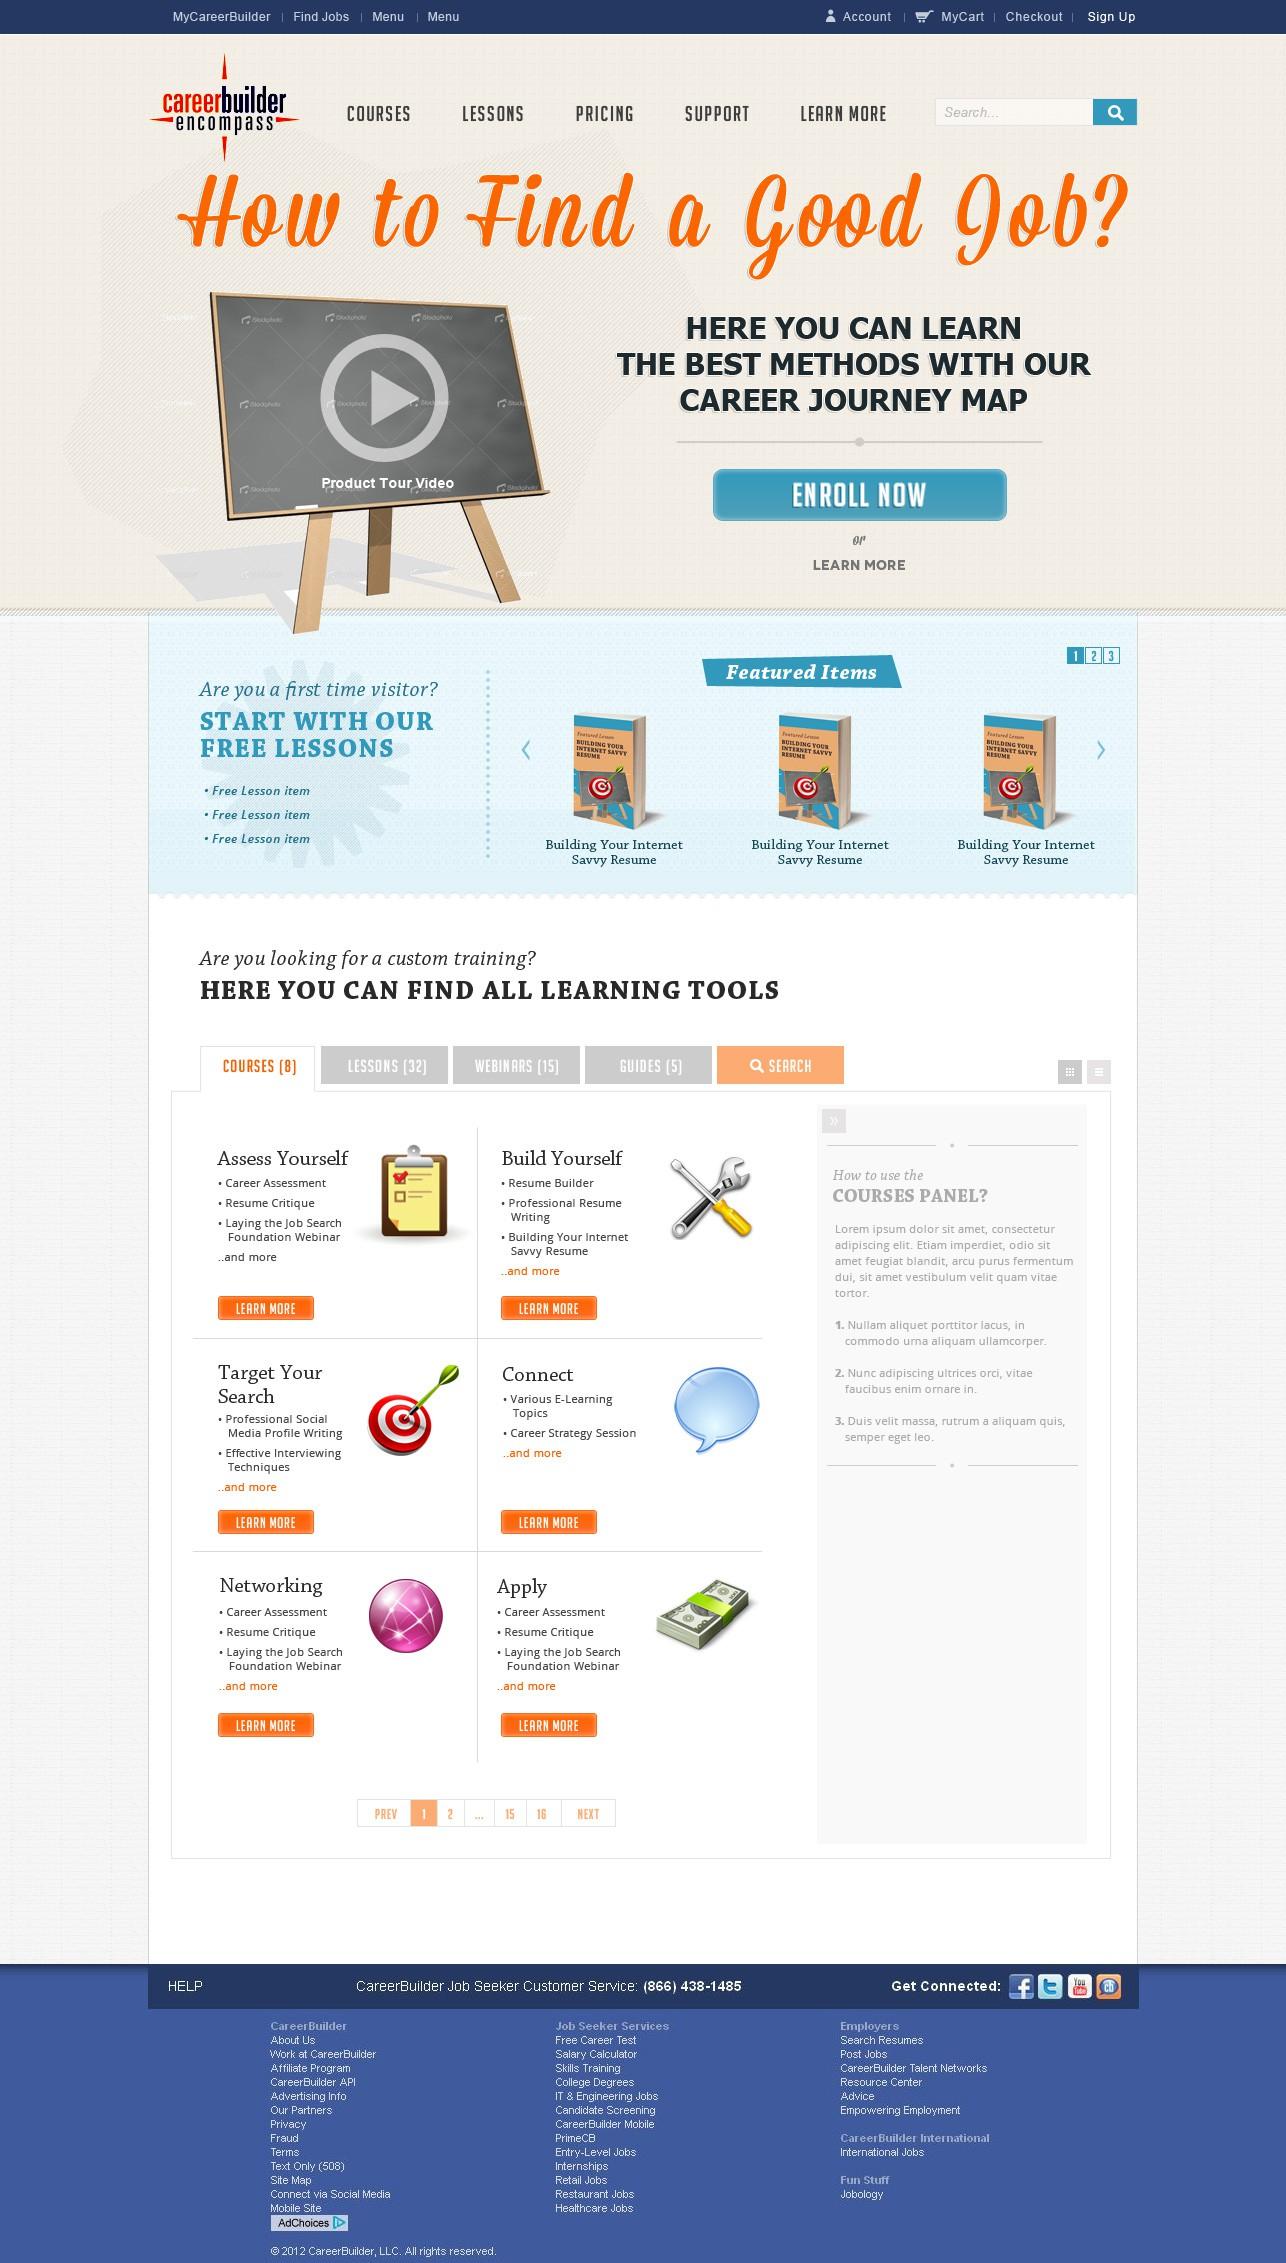 CareerBuilder.com-website design for Job Search Training